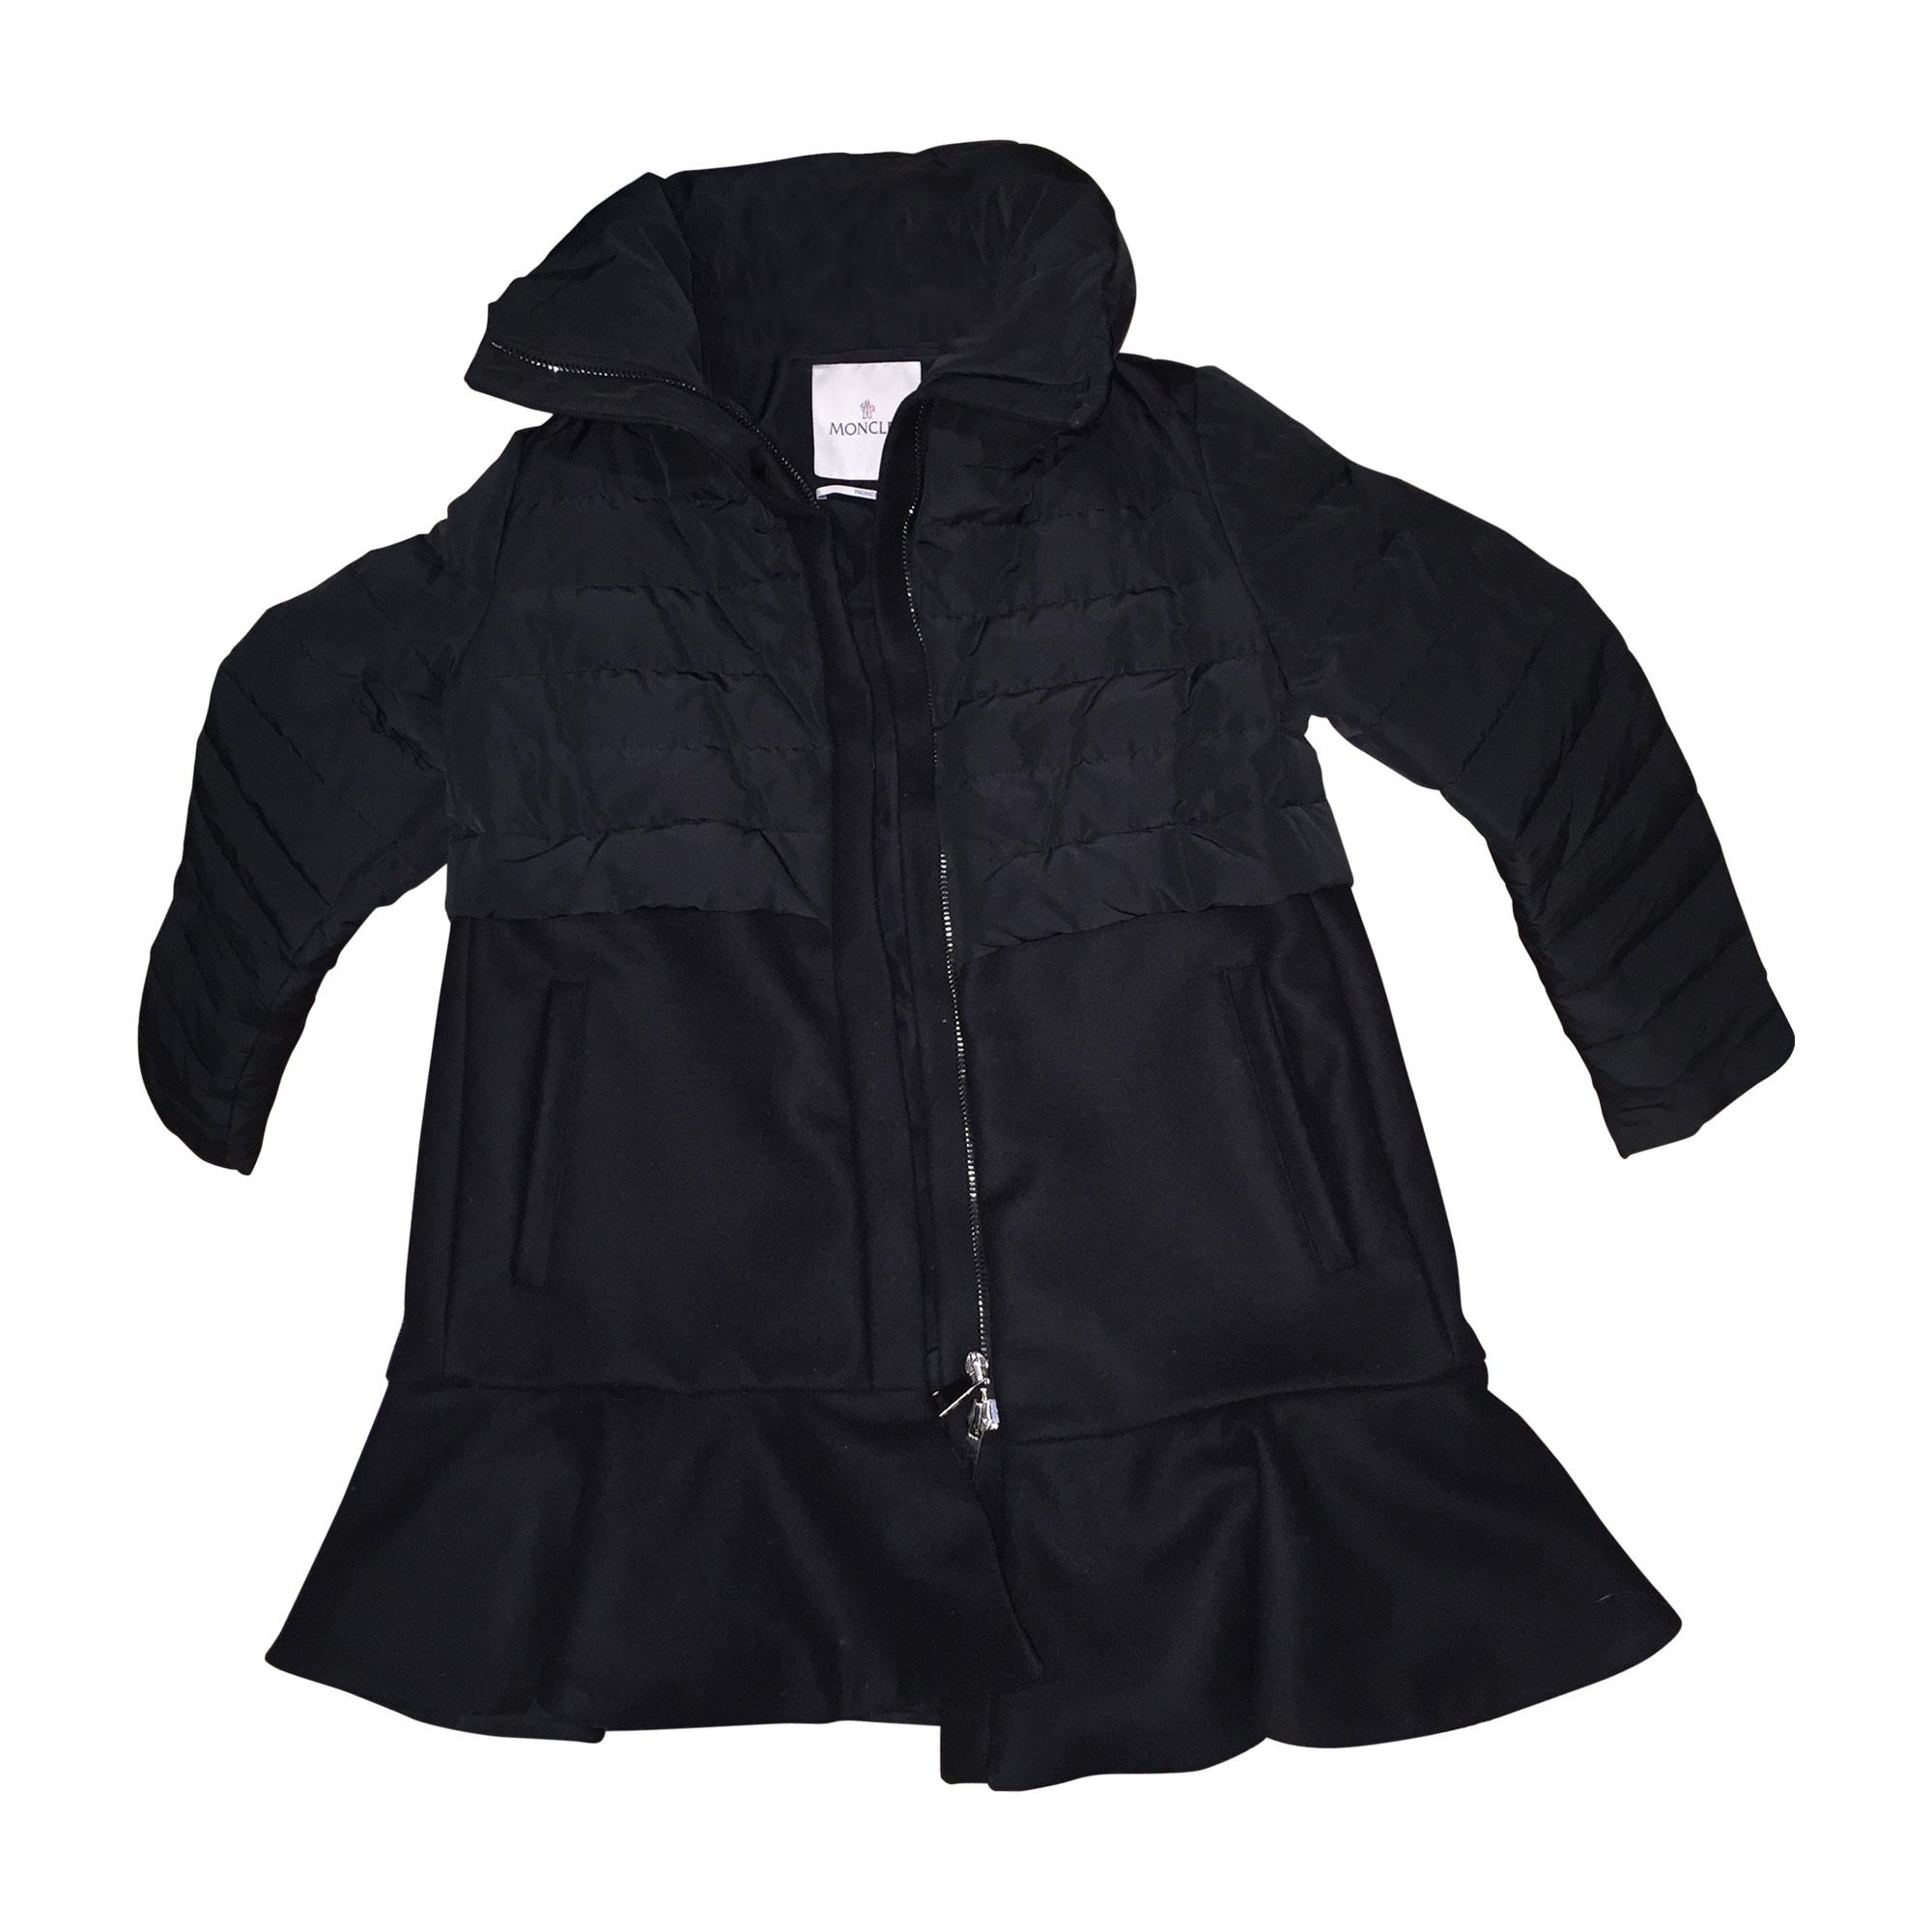 e341980f37dc Doudoune MONCLER 36 (S, T1) noir vendu par Opal - 5197434